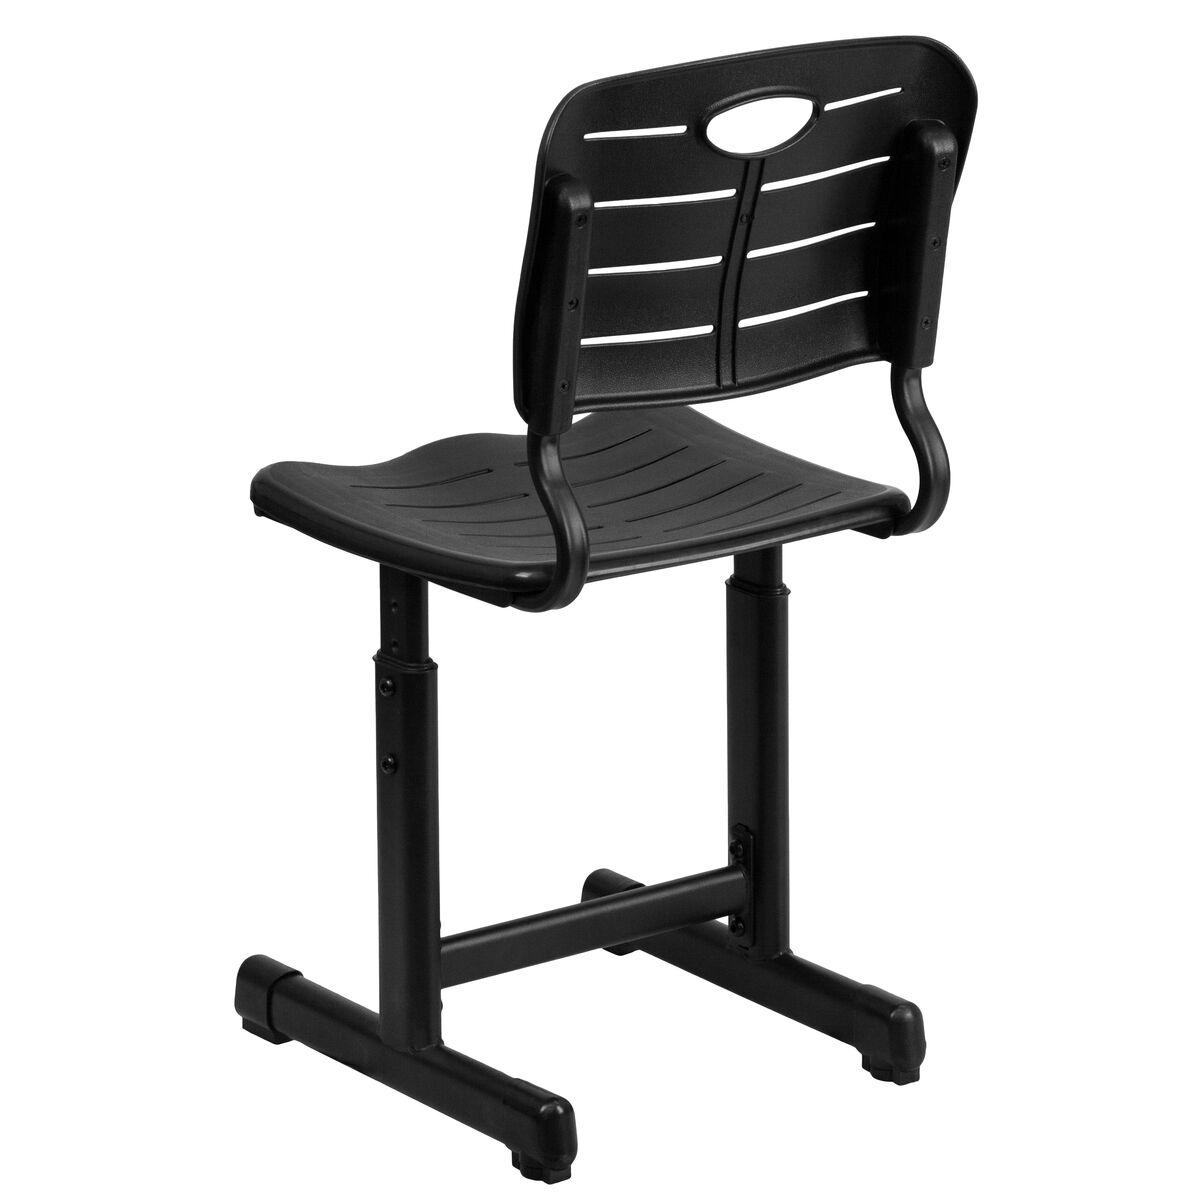 Black Plastic Student Chair YU-YCX-09010-GG | Bizchair.com